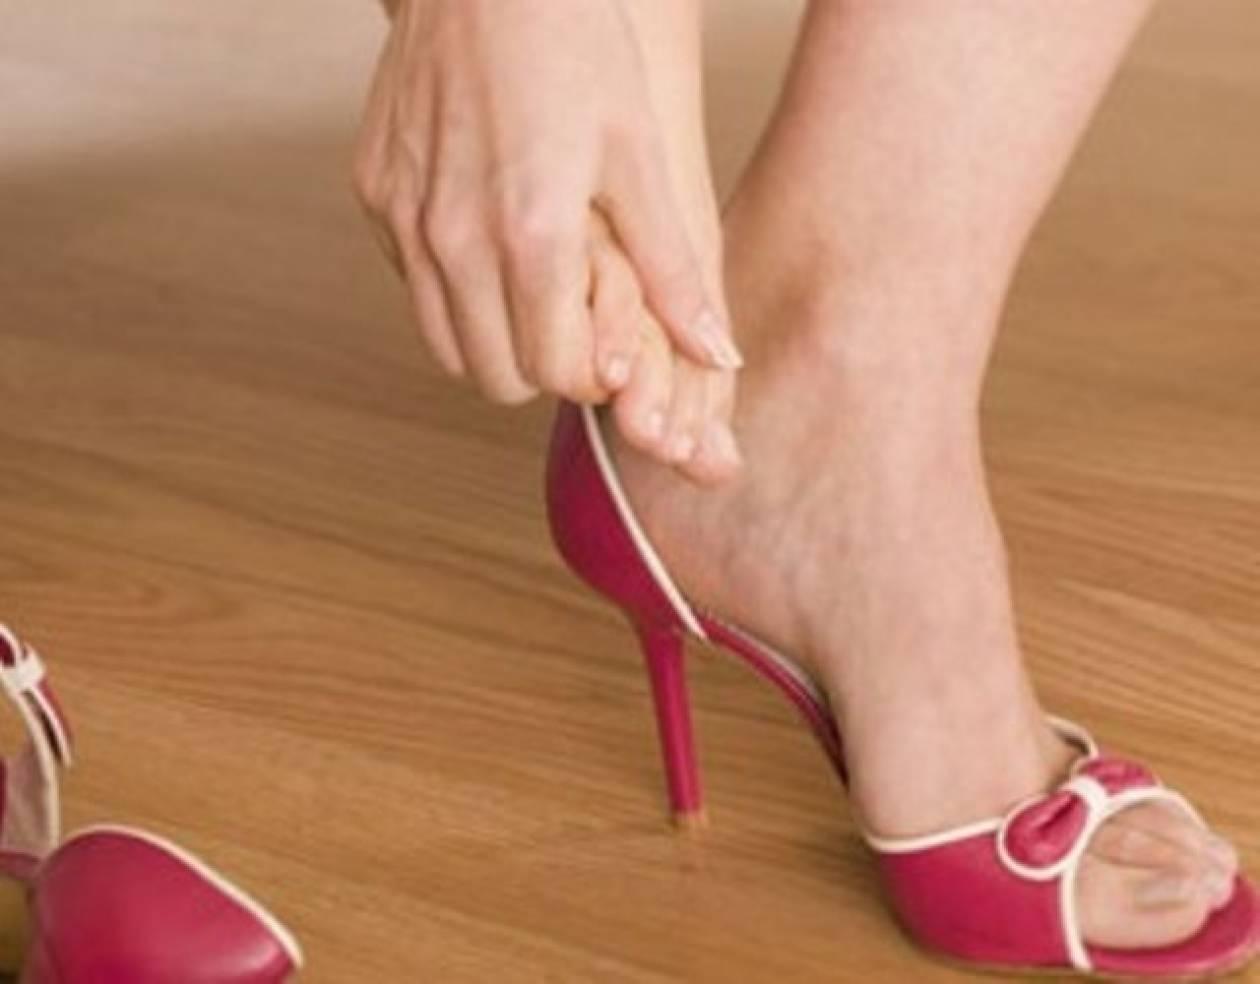 a0c63715bcc Φοβερό κόλπο για να ανοίξετε τα στενά παπούτσια - Newsbomb